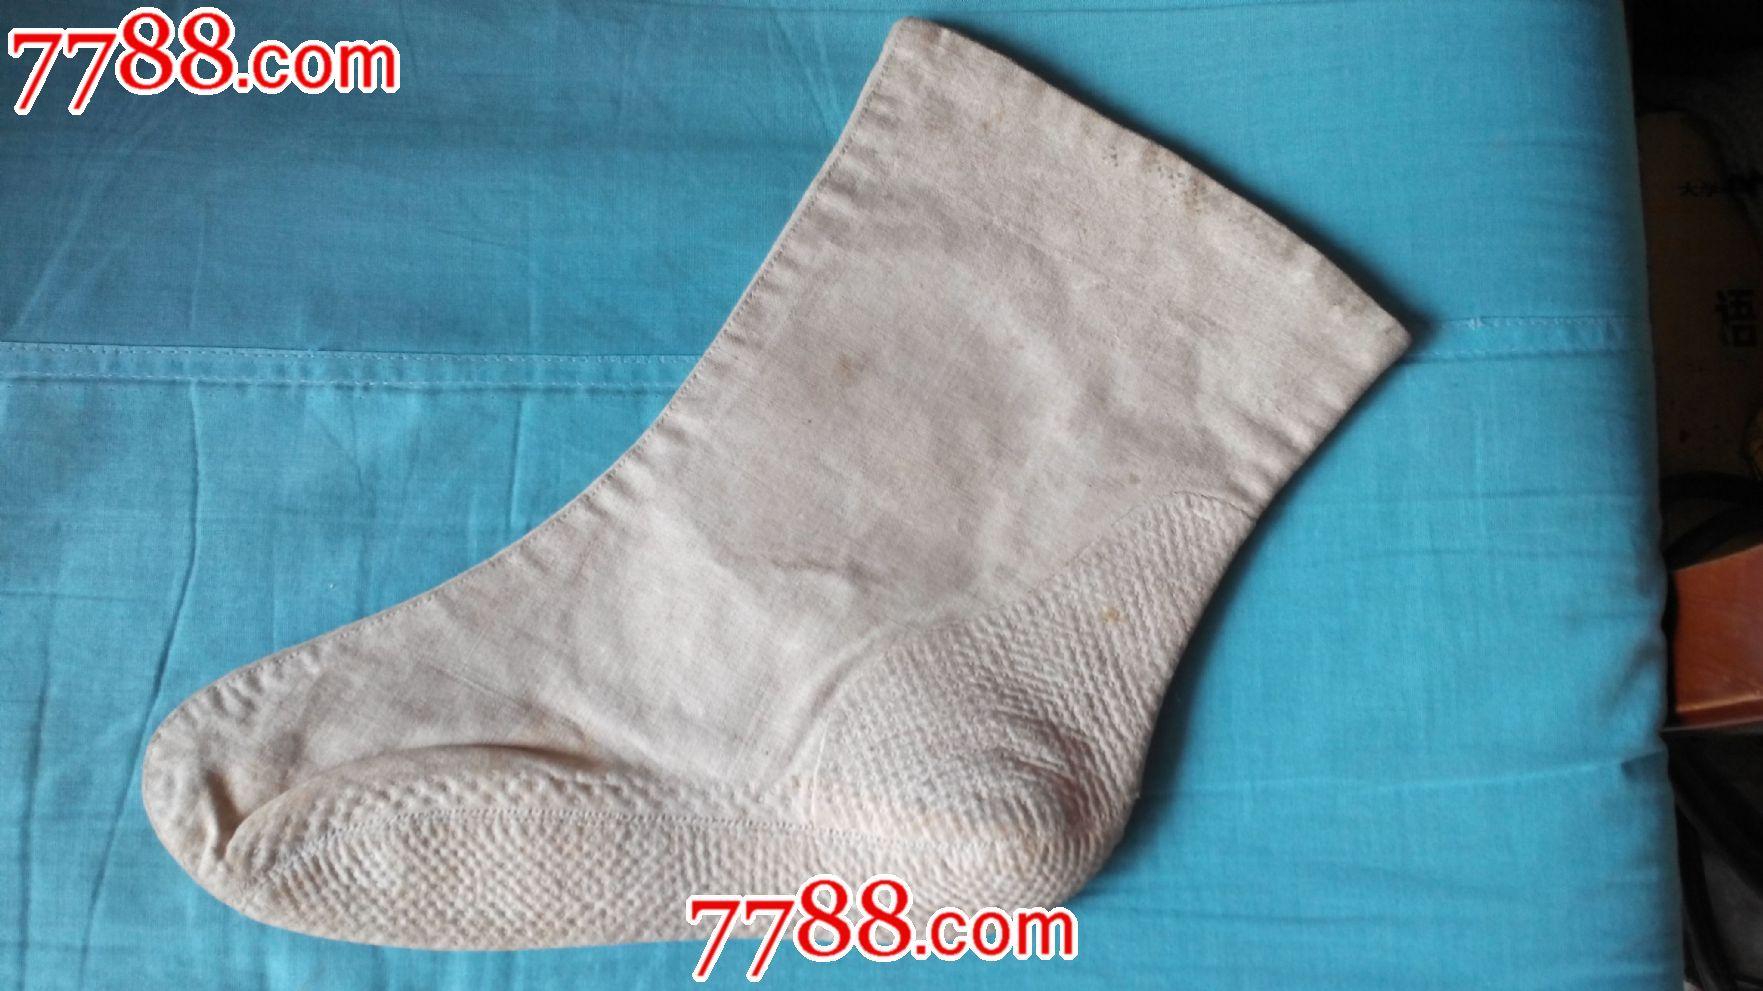 民俗收藏纯手工缝制绣花袜子两只